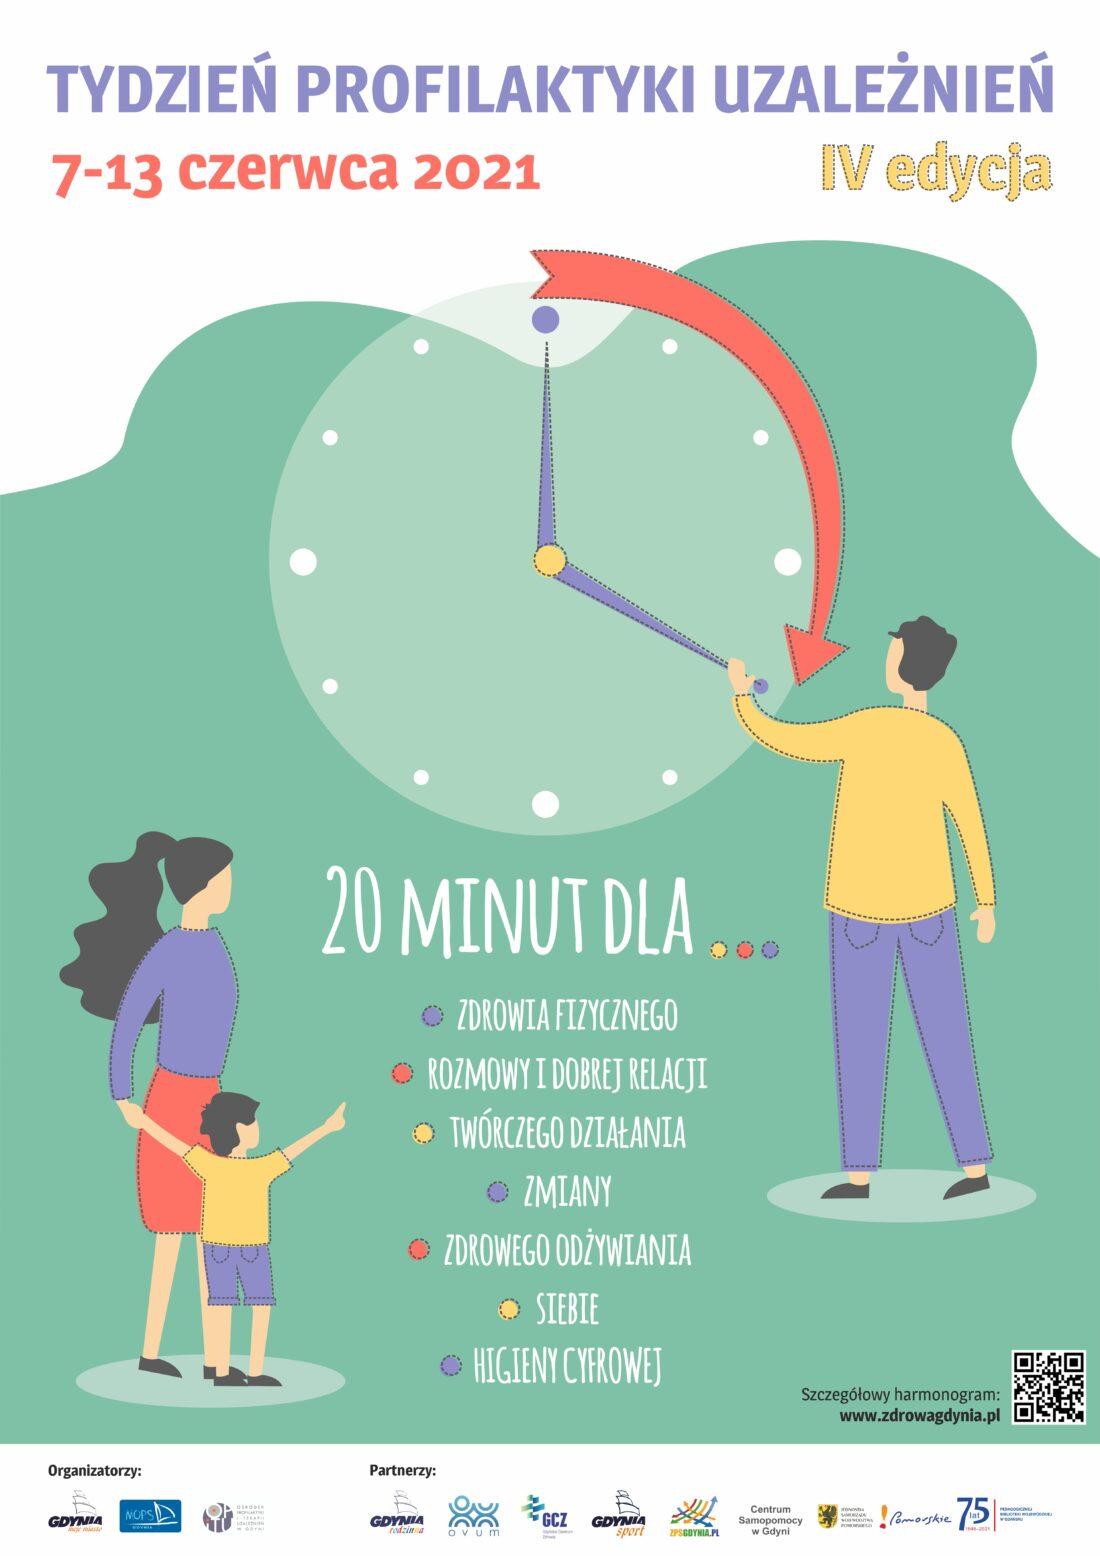 Zdjęcie: Plakat czwartej edycji Tygodnia Profilaktyki Uzależnień, który potrwa w dniach 7-13 czerwca